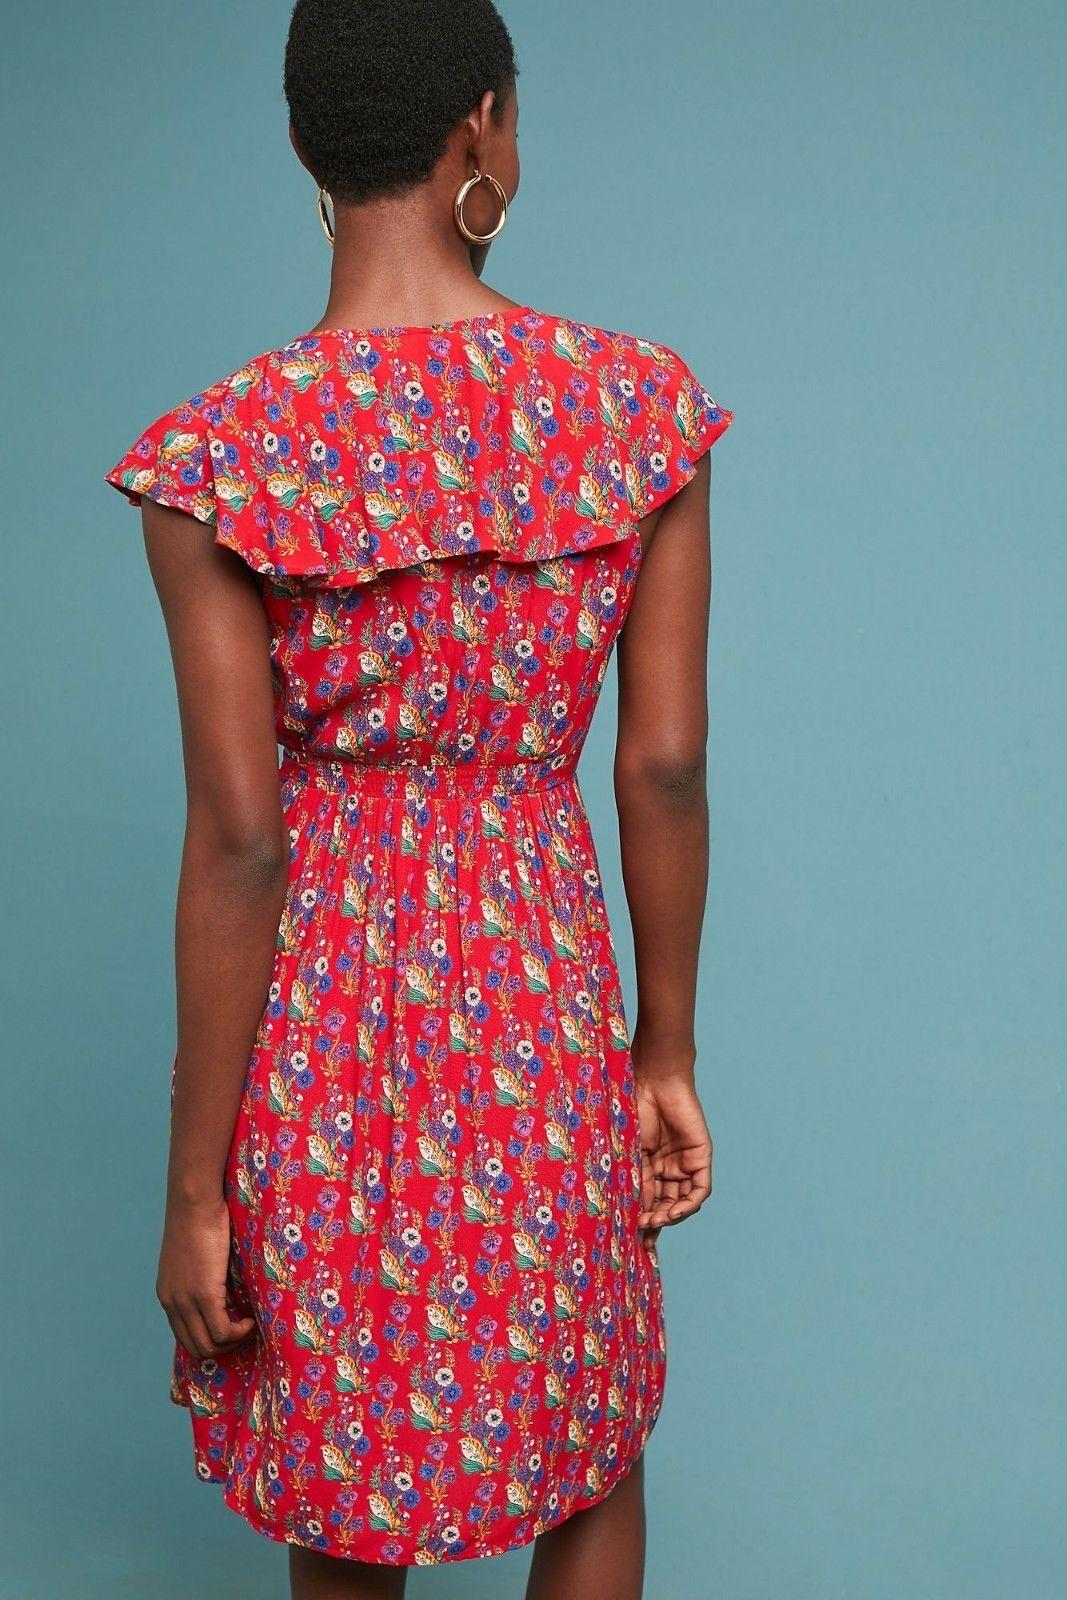 Anthropologie Rosalia Wrap Dress by Maeve $158 - NWT